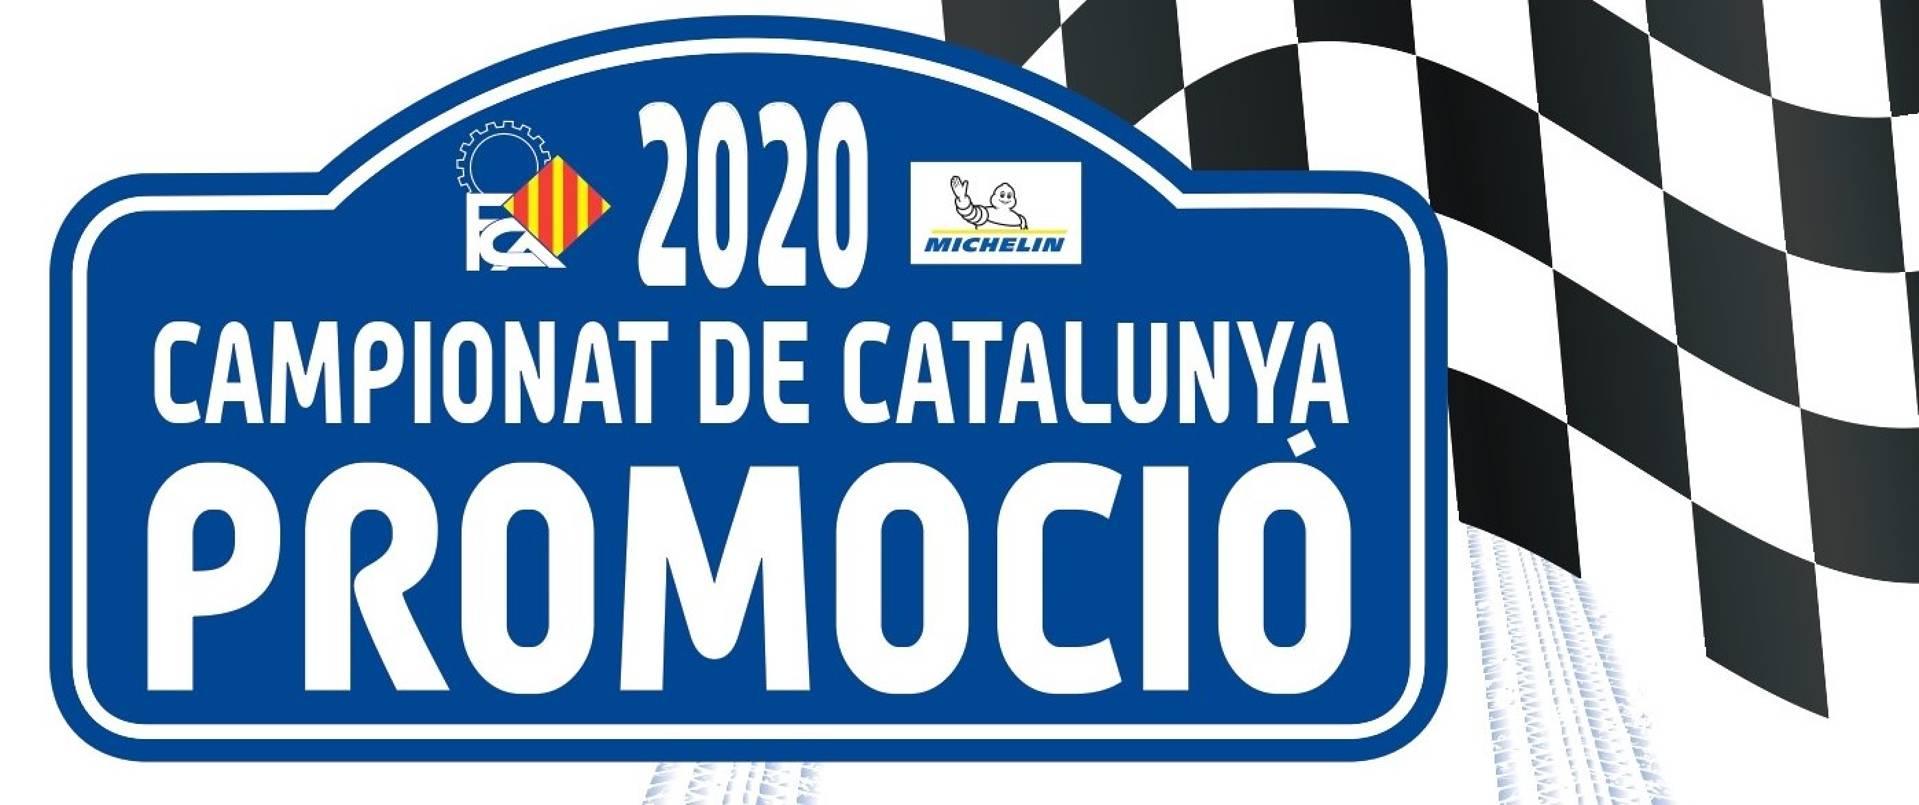 Nova versió del calendari del Campionat de Catalunya de Promoció